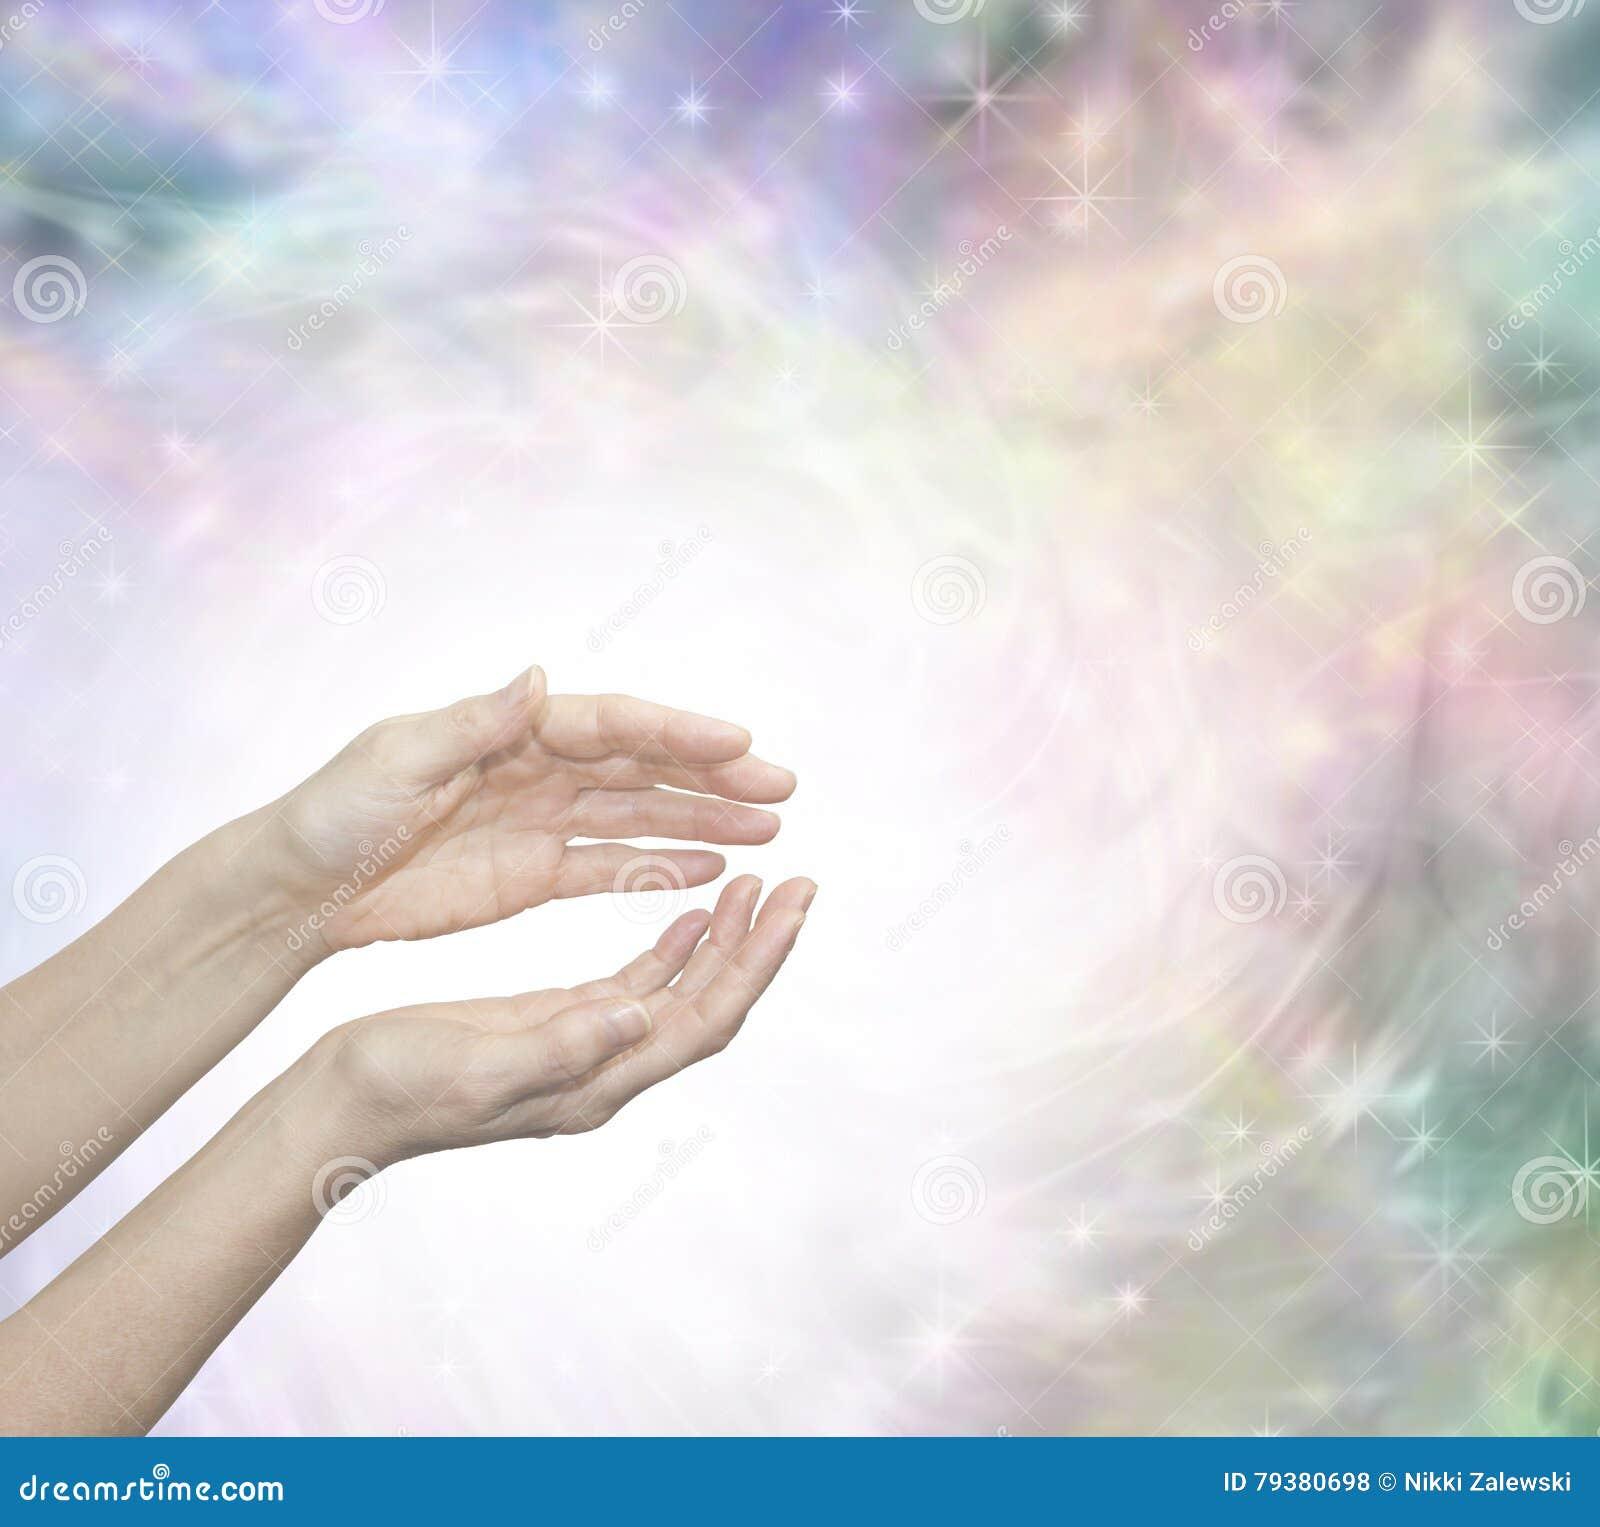 Faith Healing with Blissful Energy